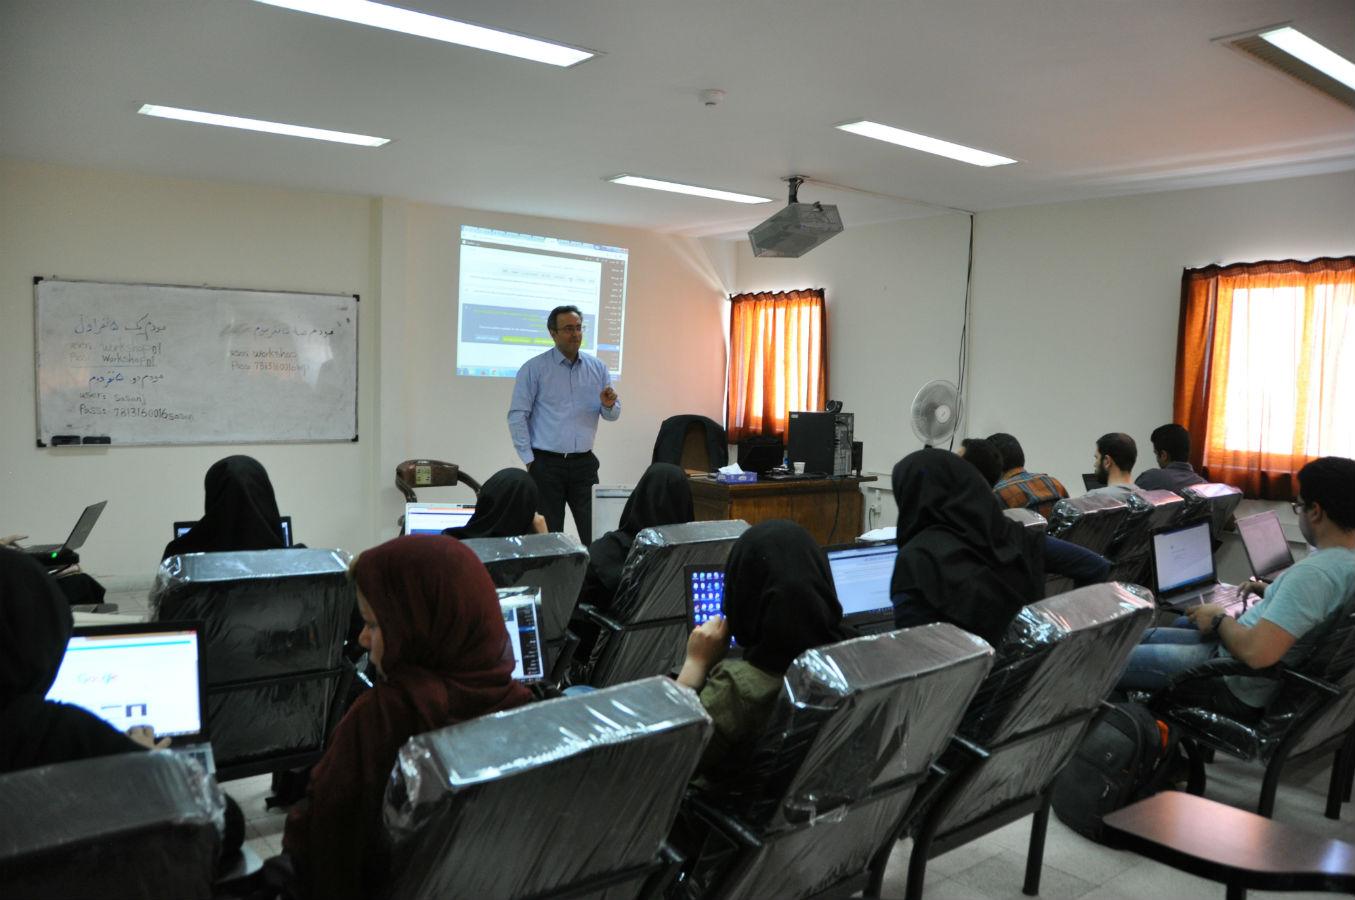 آموزش وردپرس و راه اندازی کسب و کار اینترنتی